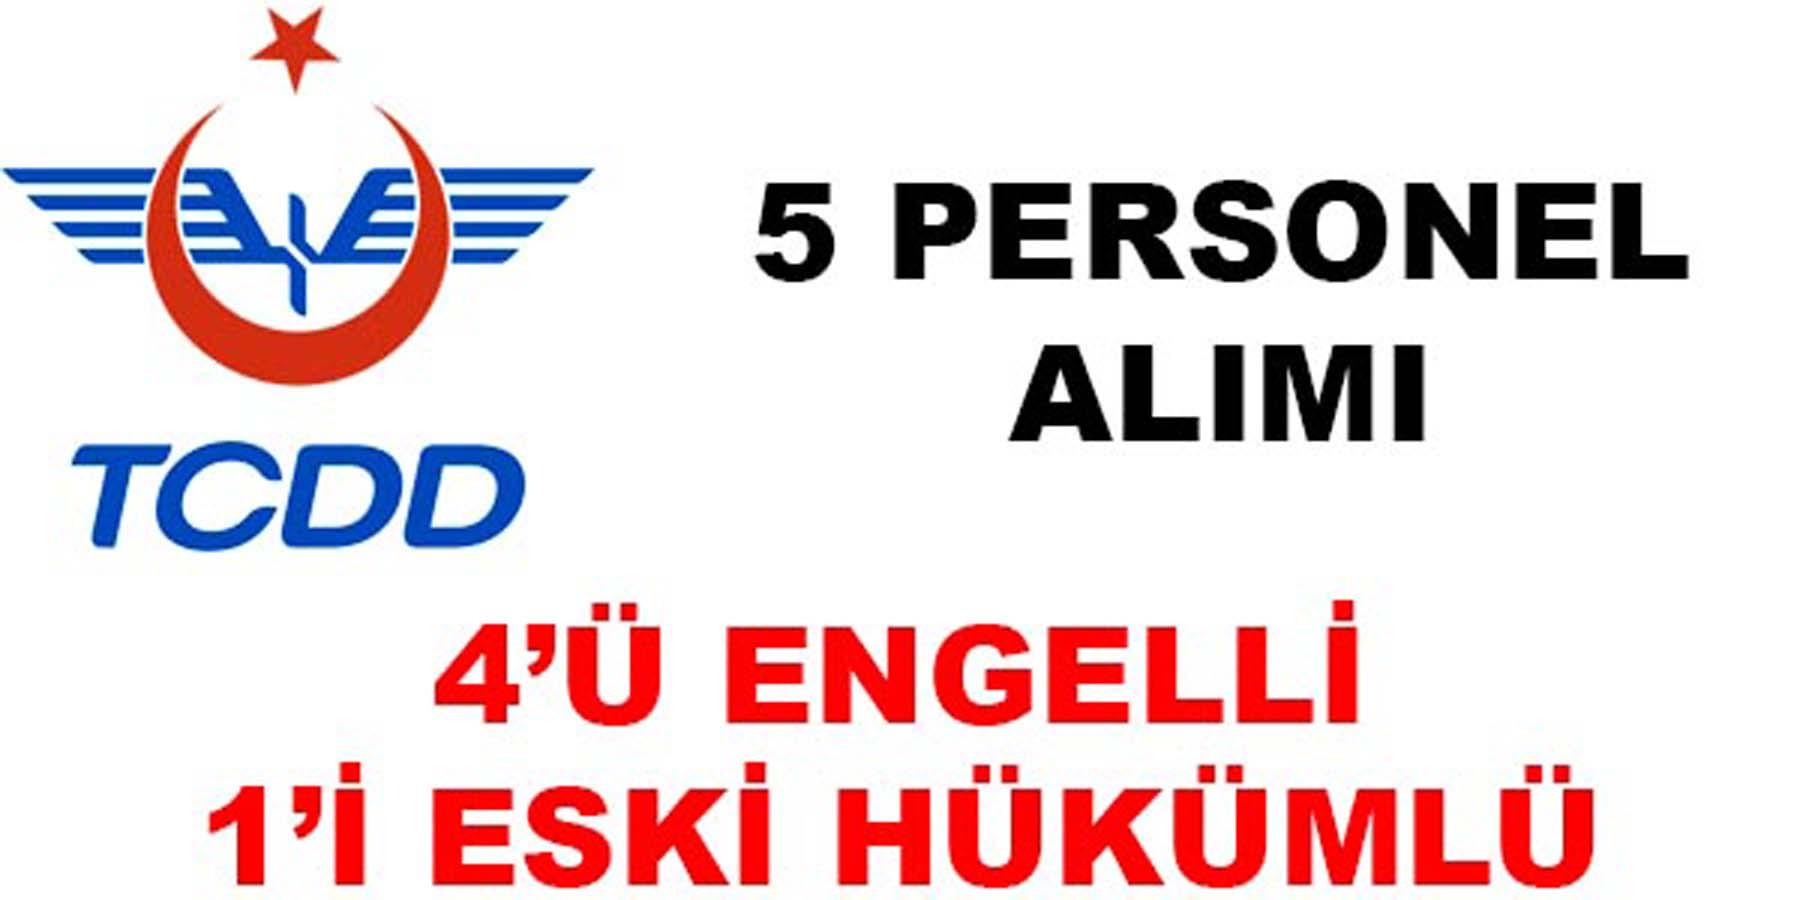 Devlet Demiryolları 5 Personel Alımı